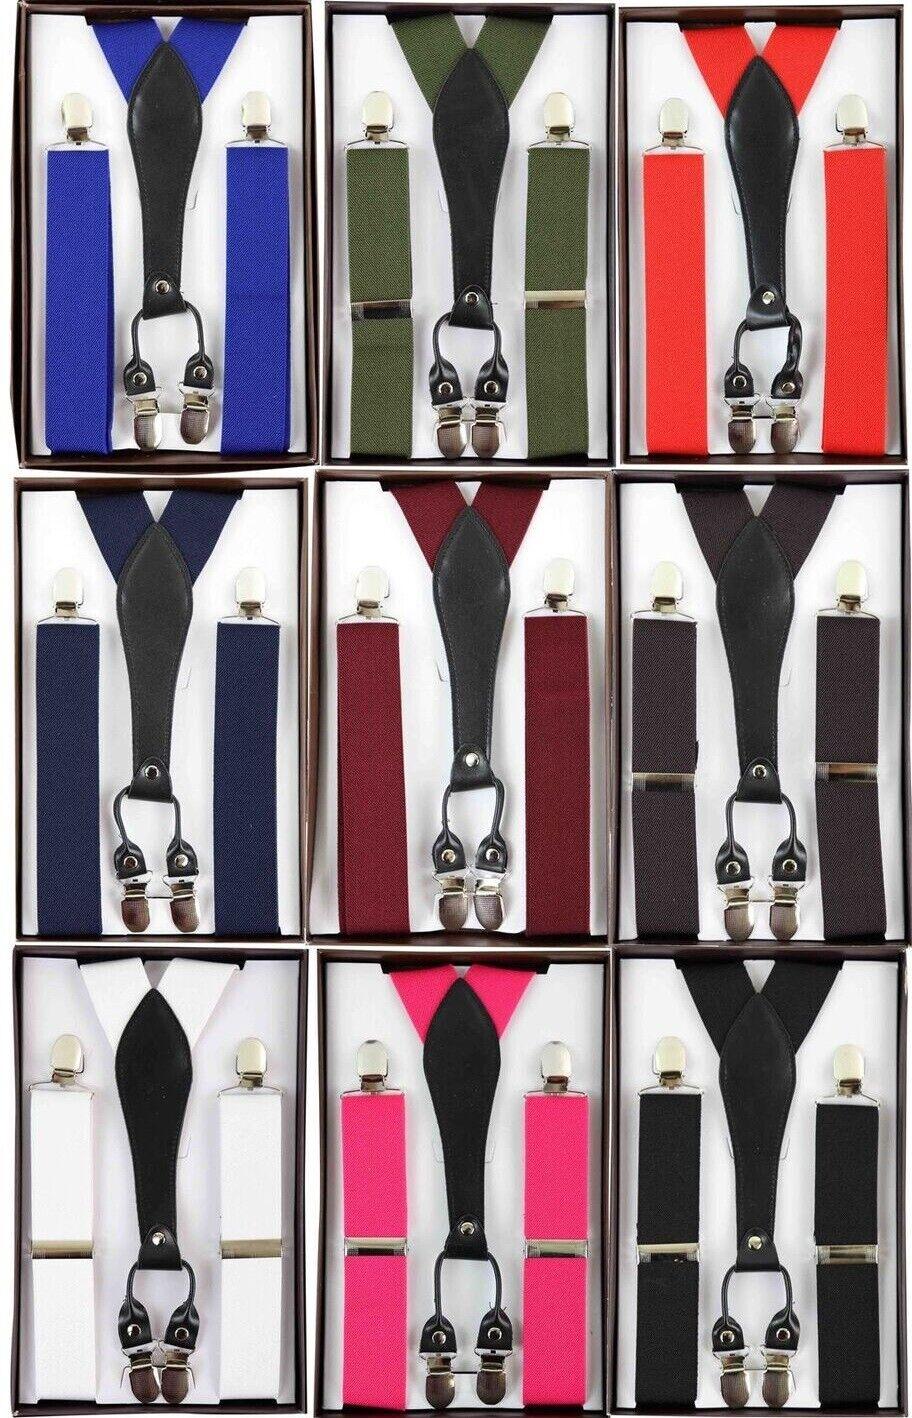 Herren 3.5cm Luxus Breit Hosenträger Hochzeit Schwarz Krawatte Formelle Bandage